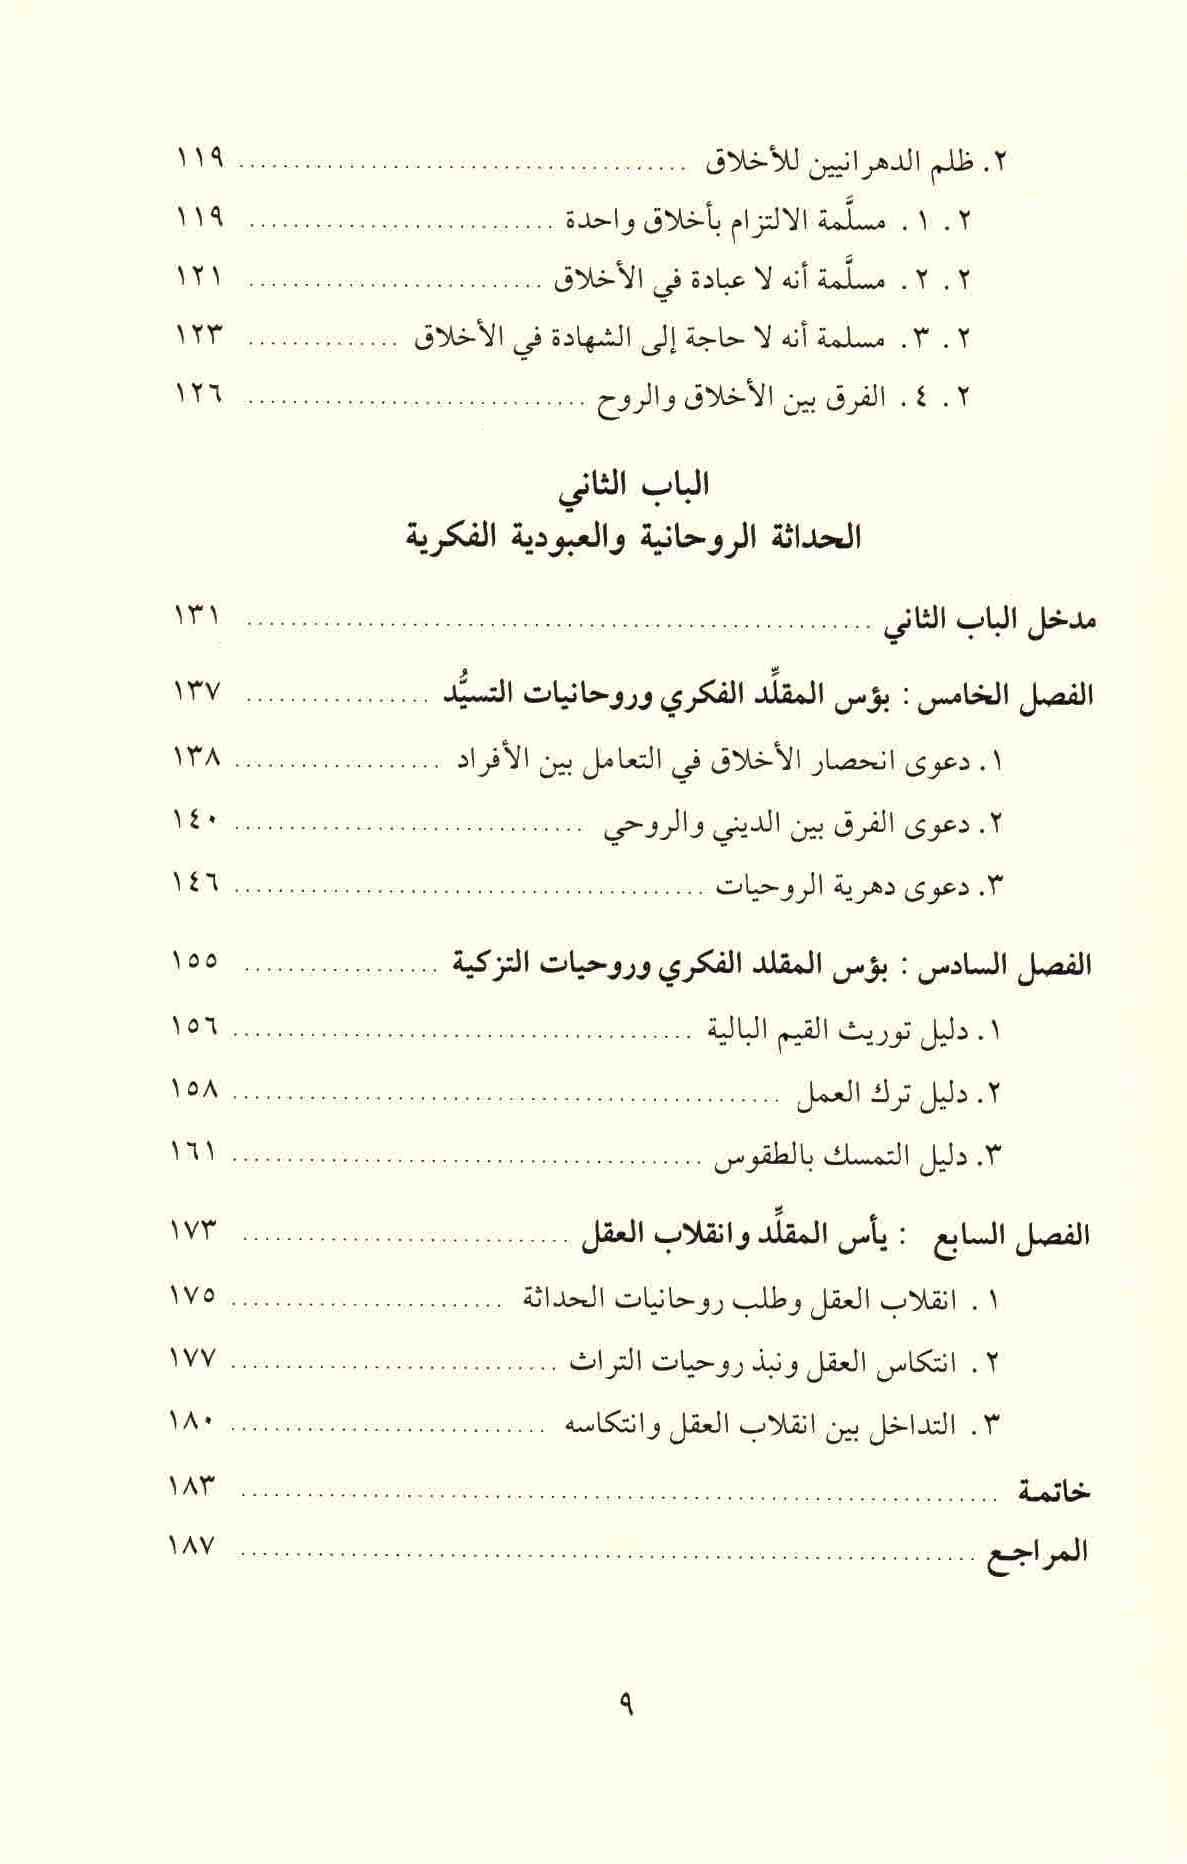 ص 9 محتويات كتاب بؤس الدهر